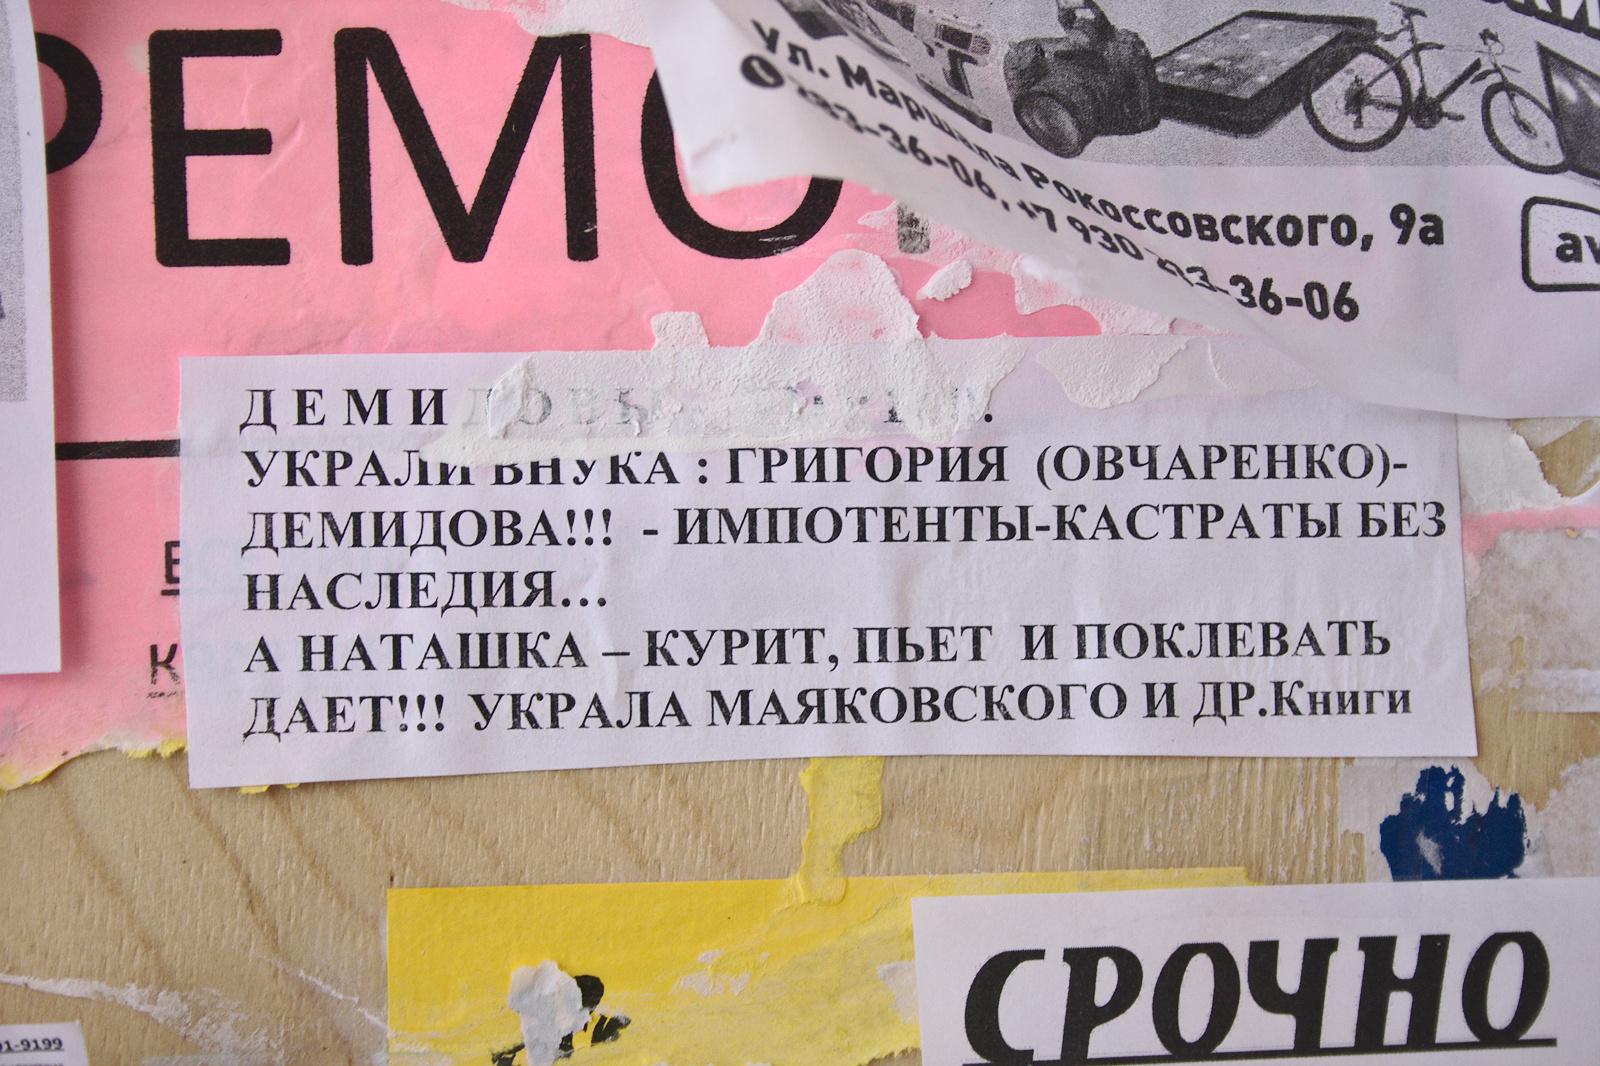 Объявление в одном из нижегородских дворов